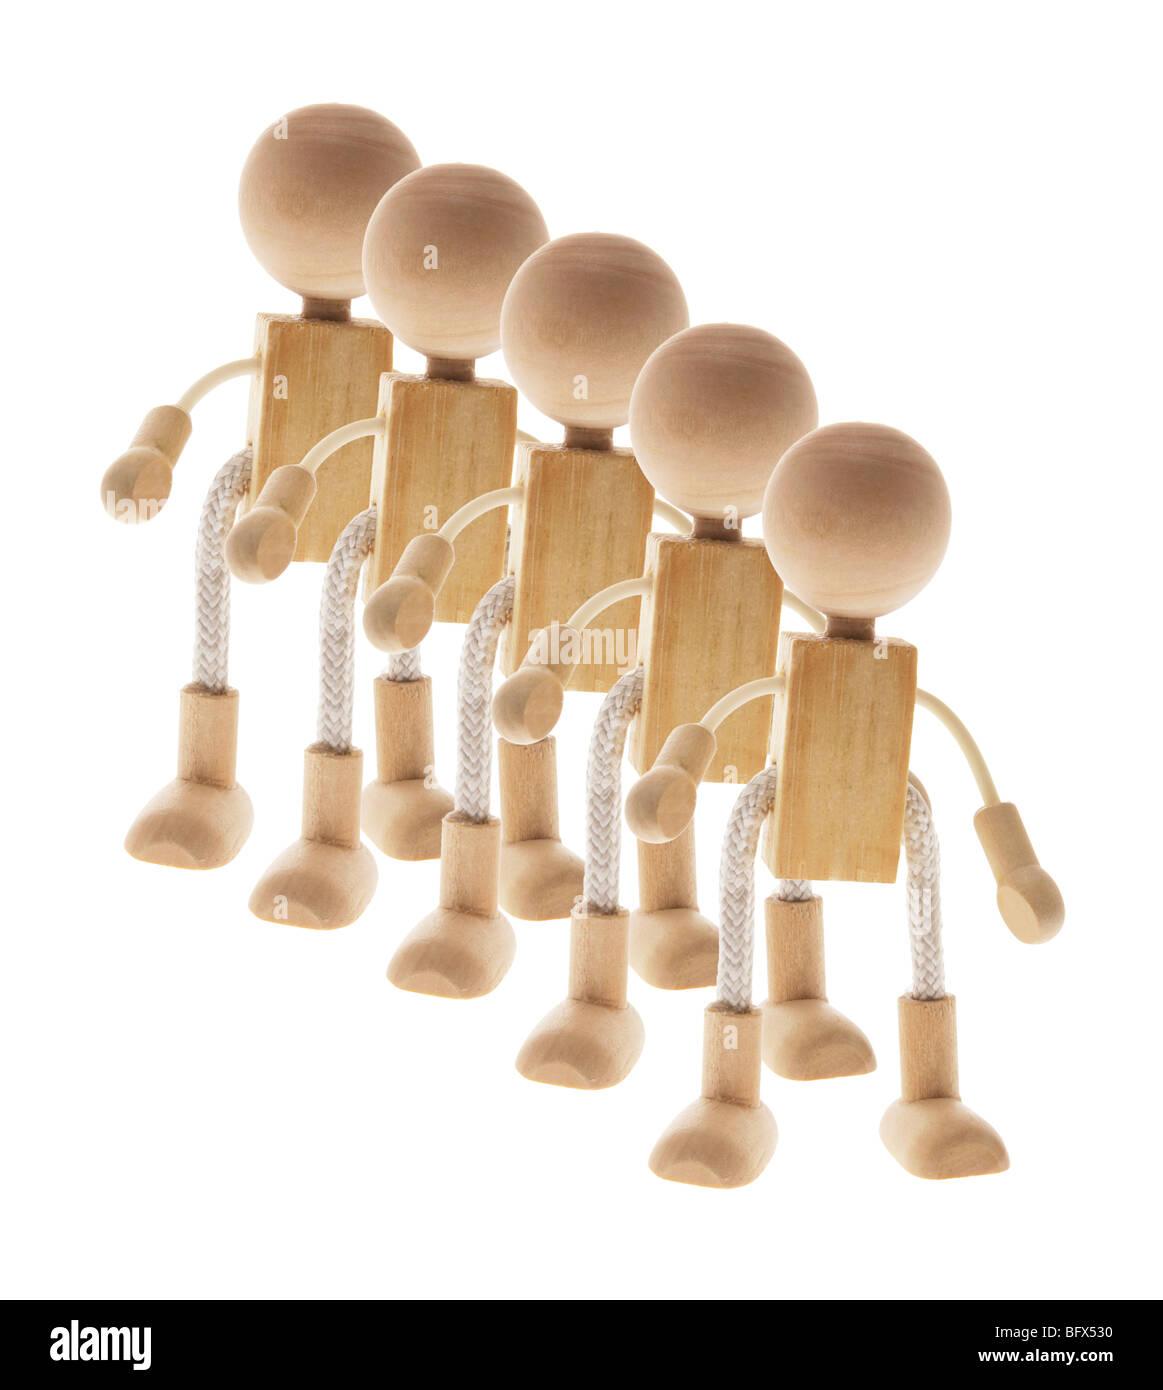 Reihe von Holzfiguren Stockfoto